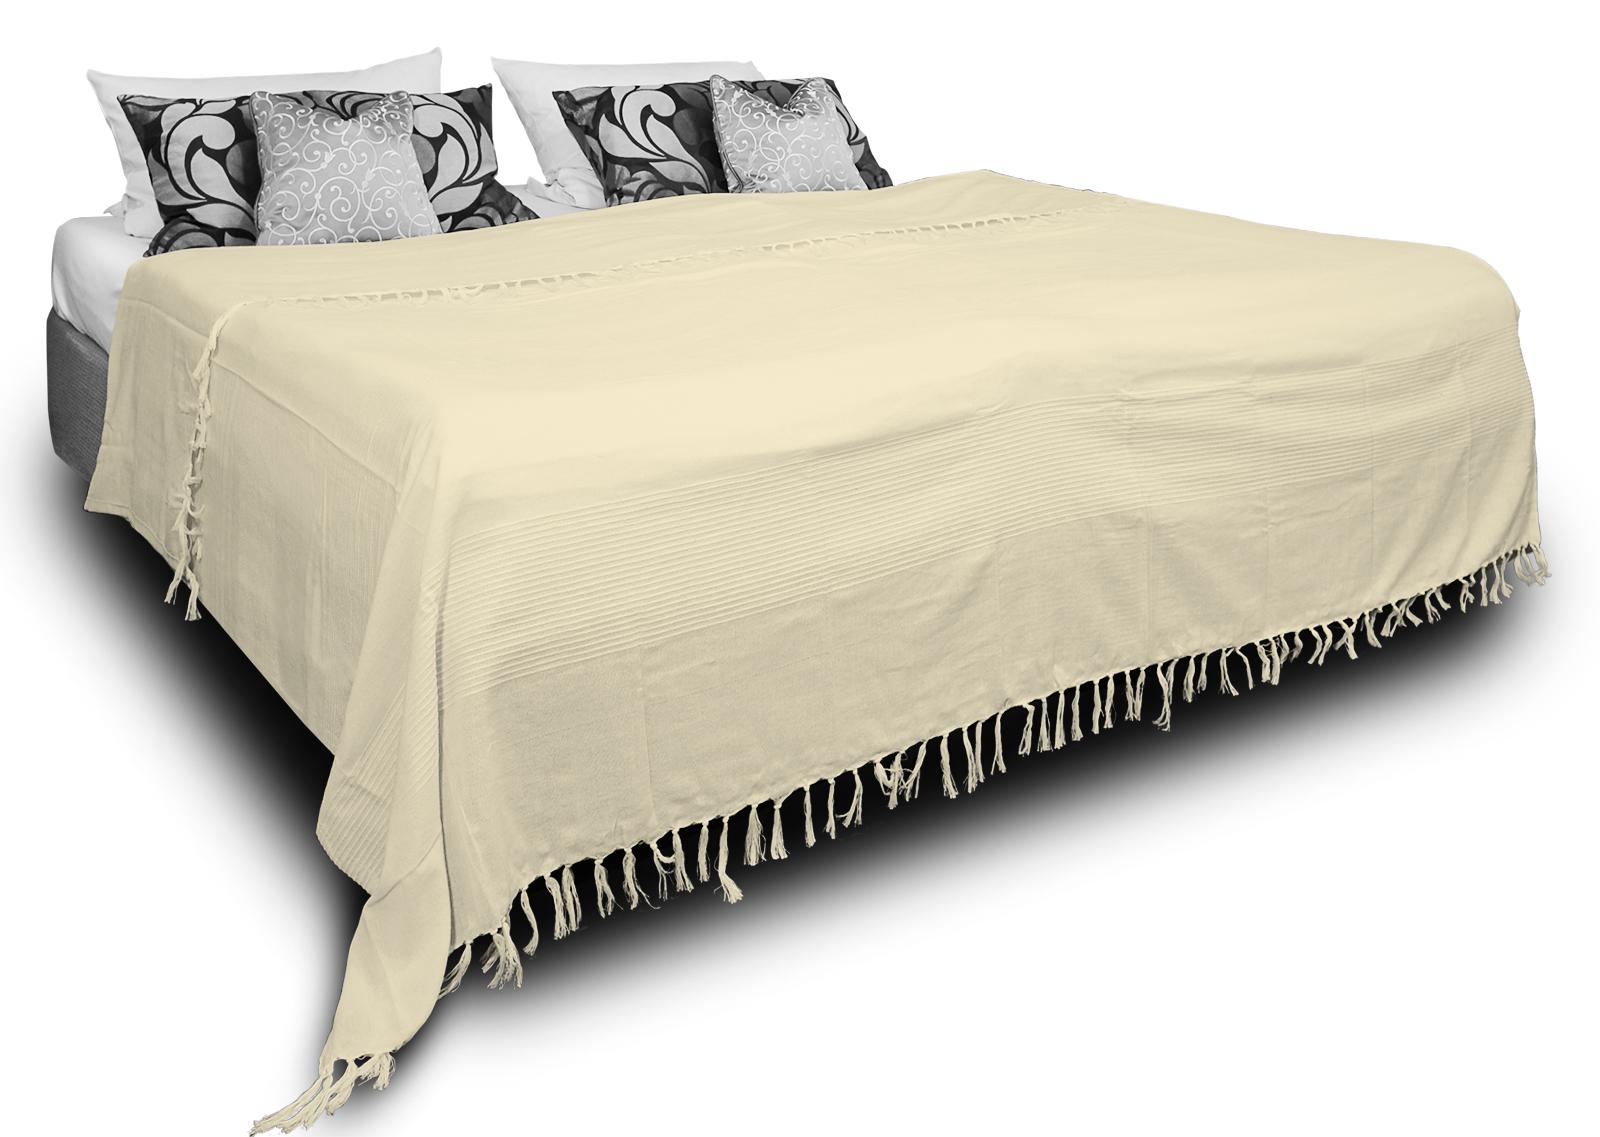 Wohndecke aus Mikrofaser mit Ultraschall gen/äht Bett/überwurf 220x240 cm f/ür Bett als Steppdecke Sommer Komfort und Weich Bedsure Tagesdecke 220 240 beige Schlafzimmer